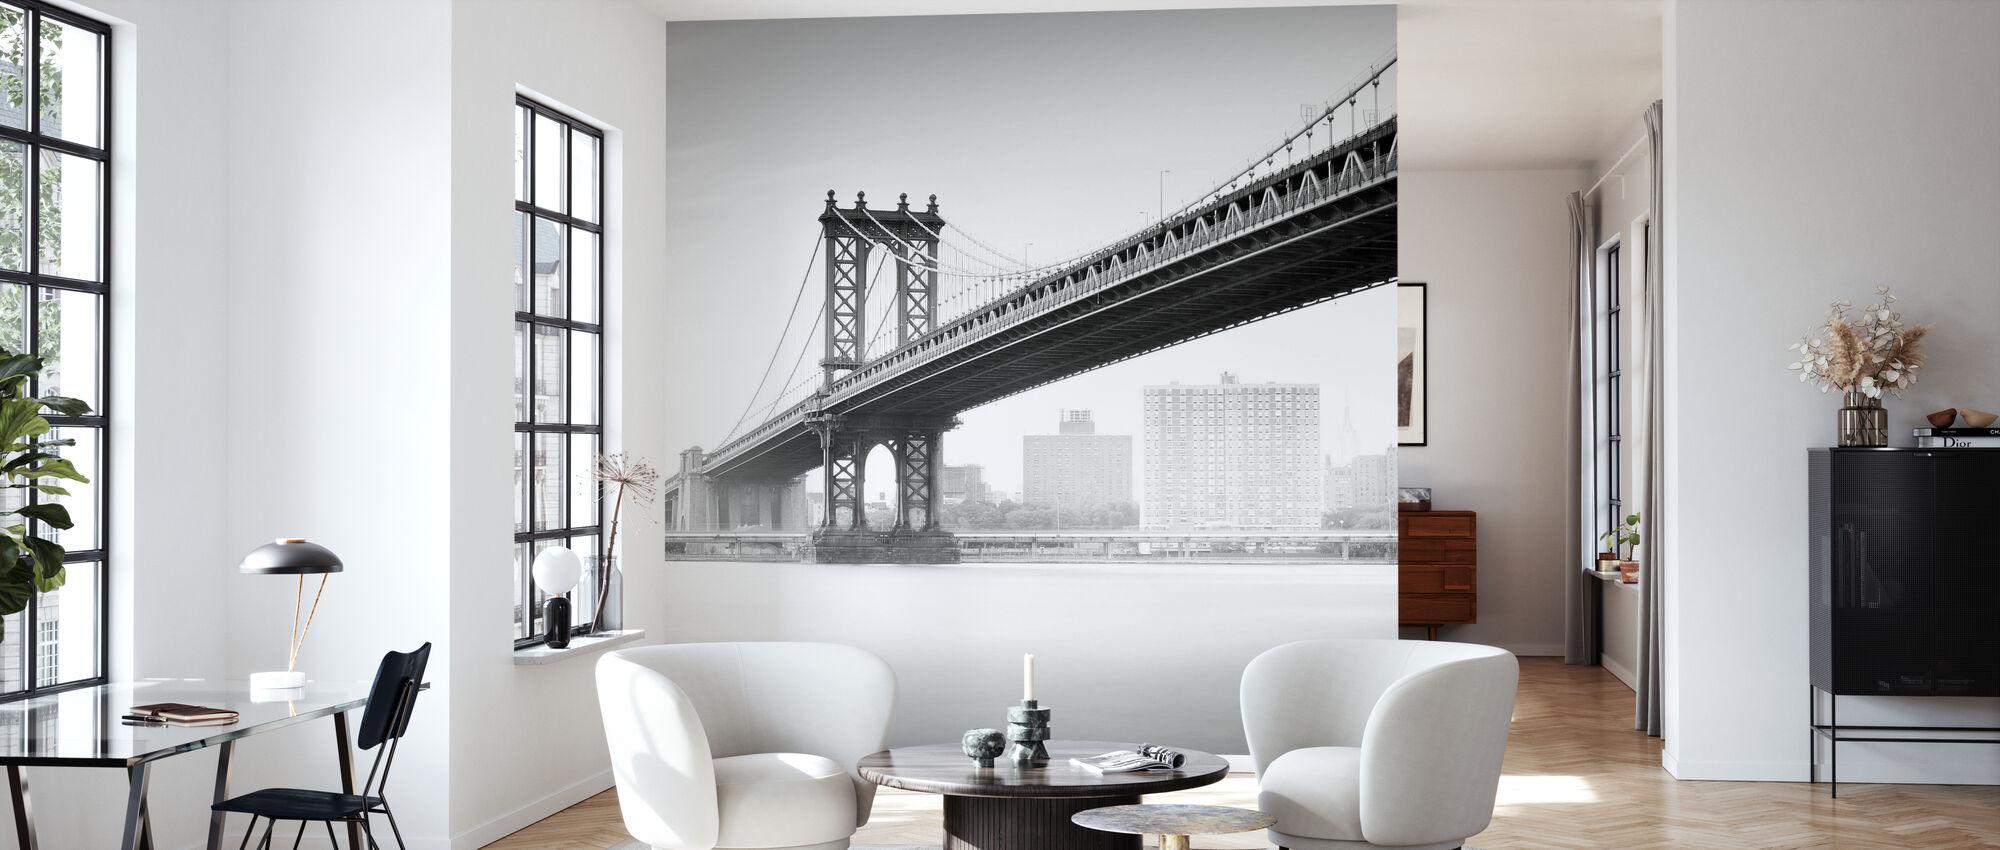 Studie van Manhattan Bridge - Behang - Woonkamer